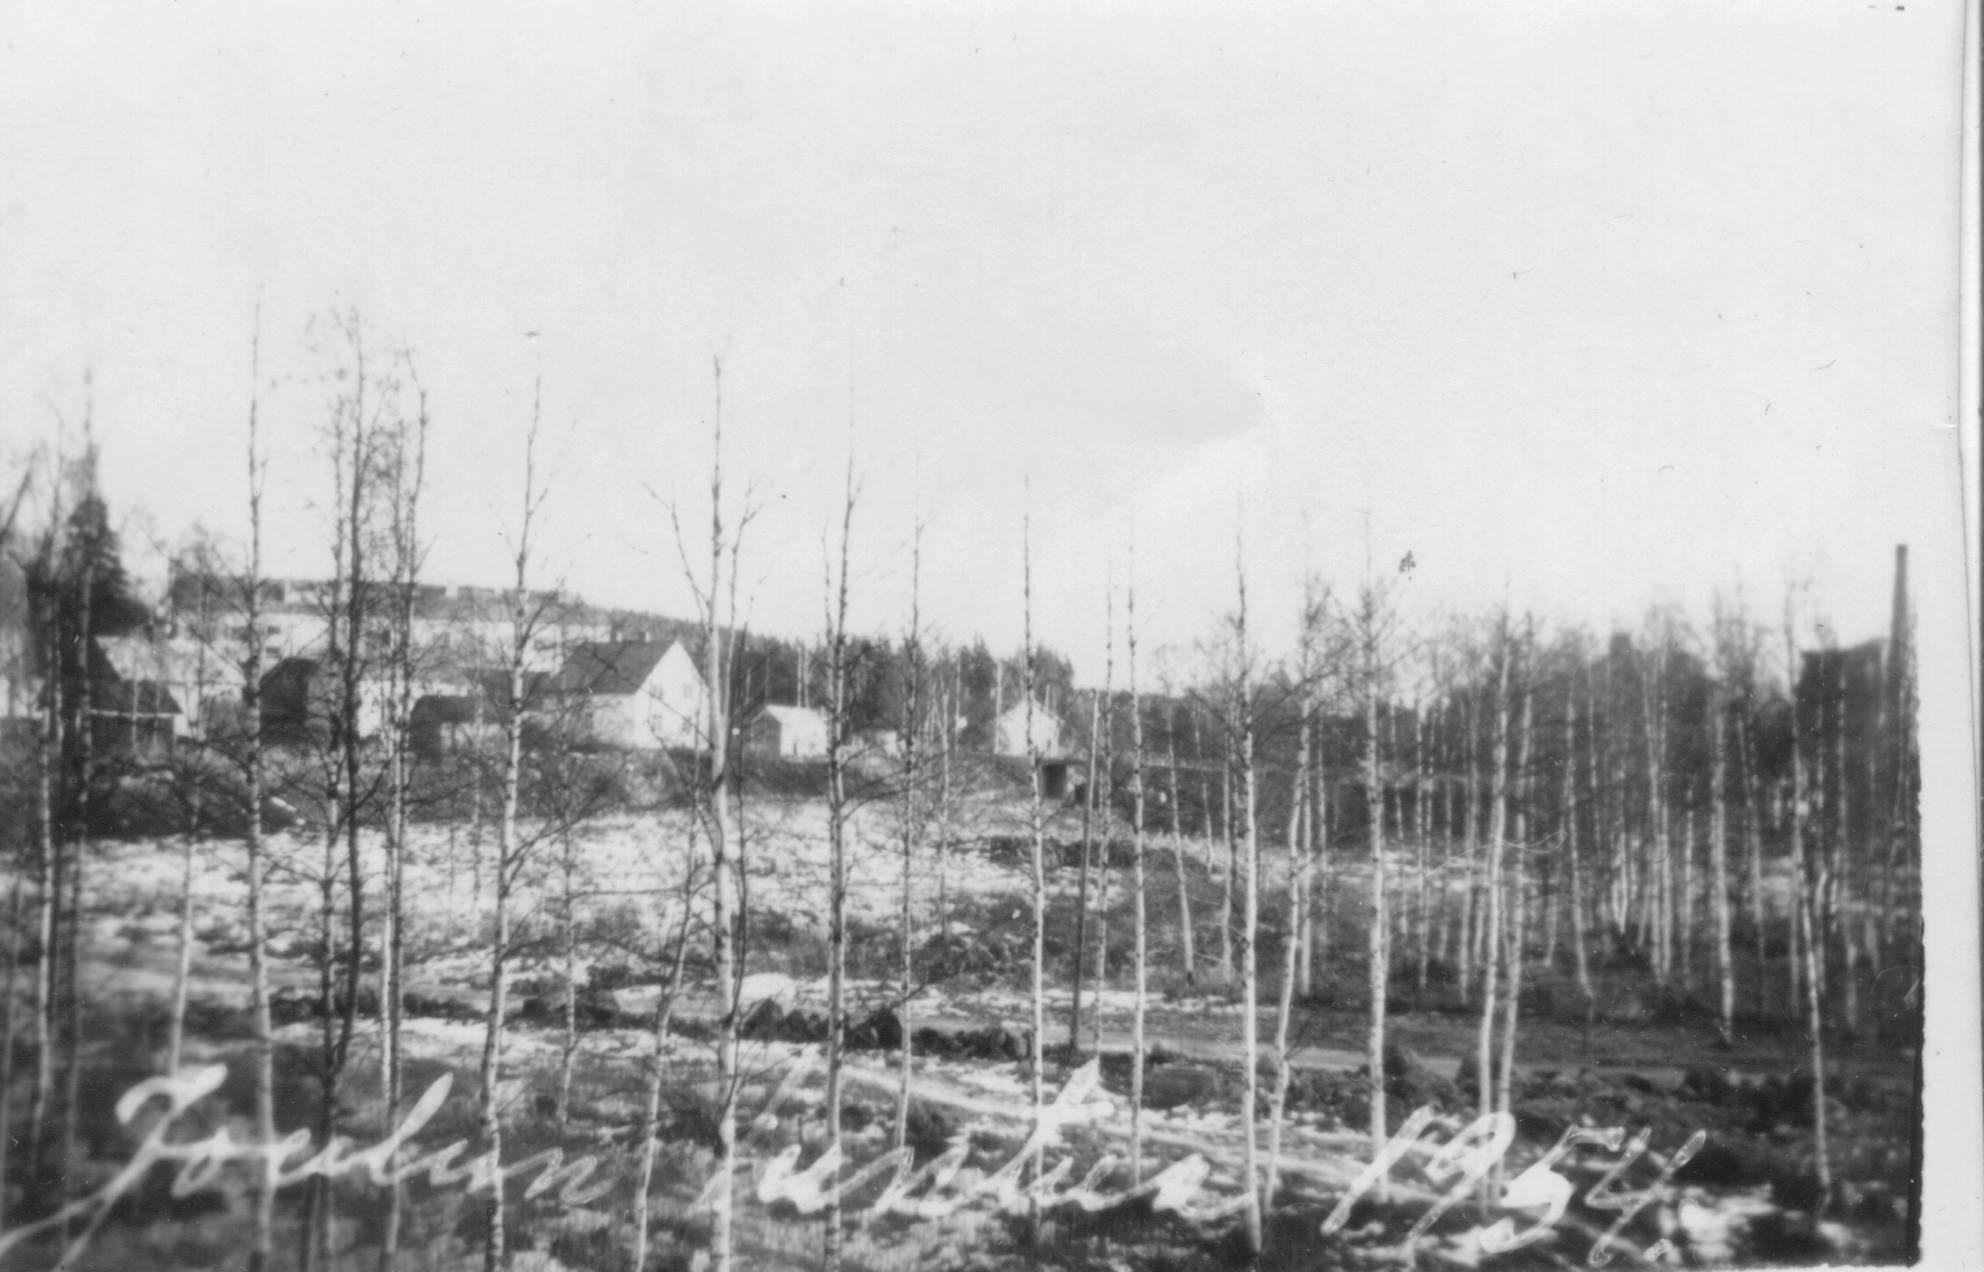 """Lättälän rakentaminen oli nopsaa, sillä vielä """"joulun tuntua 1954"""" –kortissa Lättälän paikka oli  suoryteikköä. Taustalla näkyvät Päivölä ja aivan keskellä Soihtusillan takana häämöttää Kuntala.  Toisessa kuvassa näkyy hyvin, miten Lättälän rakentaminen toi myös Työskin alapuolella olevan junaseisakkeelle uuden kulkuväylän.  Ennen Lättälää oli pitkän marmatuksen aiheena sateella erityisen liukas savinen nousu seisakkeen """"kuopasta""""  keskustaan päin, ja vielä portaiden tultuakin niiden alkupää oli paljon ylempänä kuin seisake."""